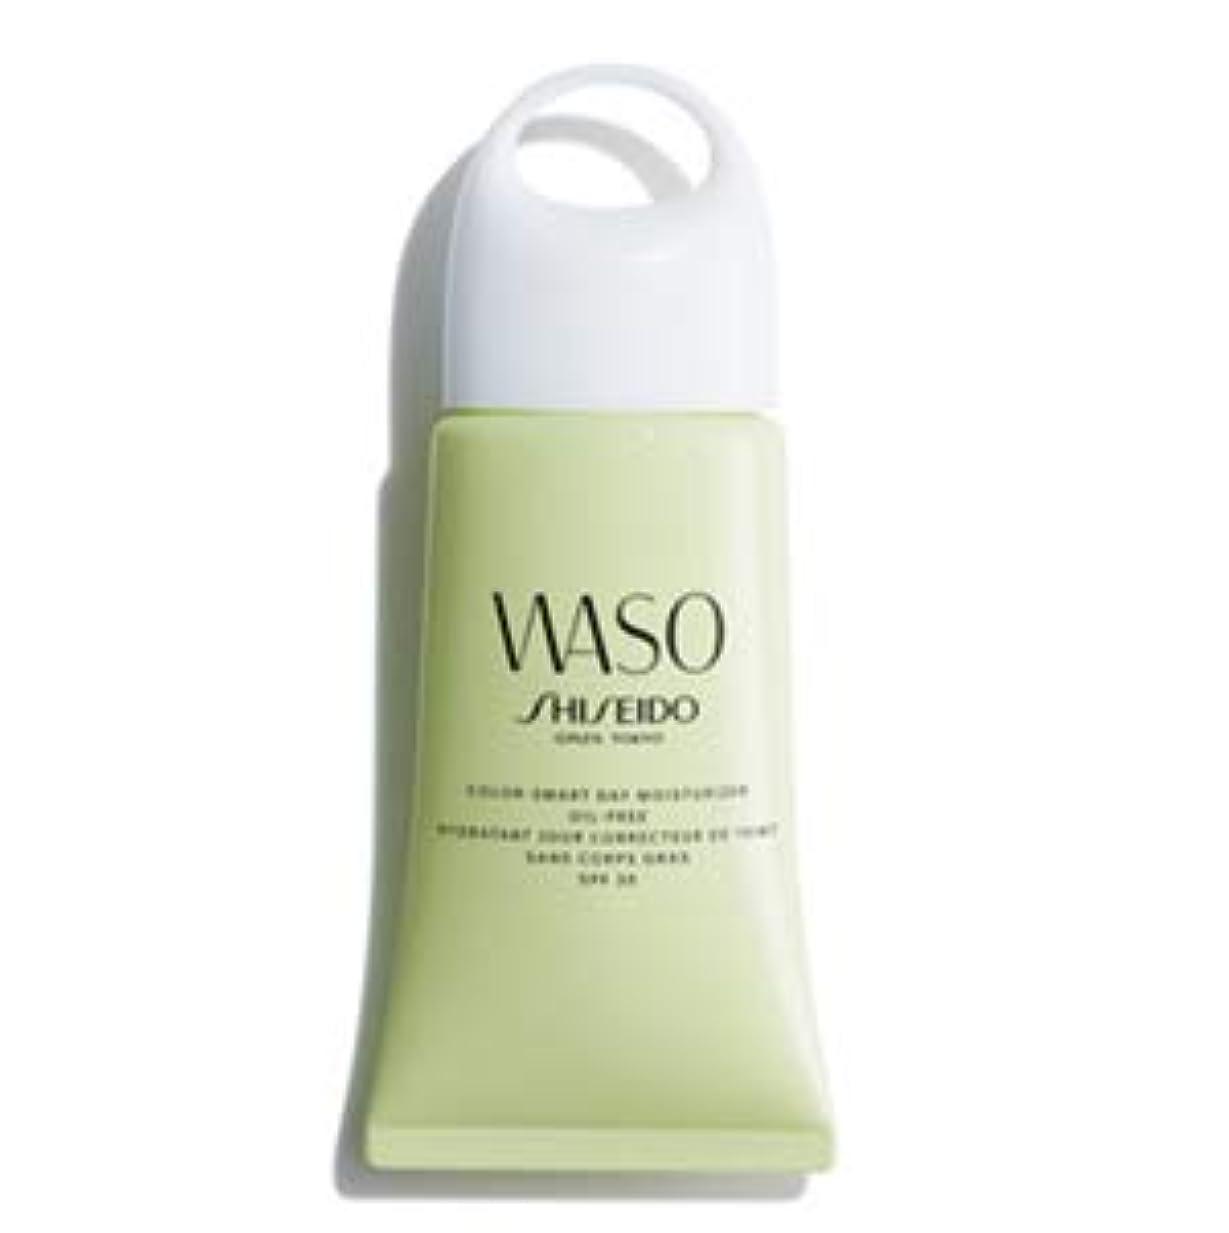 履歴書真面目な引き潮WASO(ワソウ) カラー スマート デー モイスチャライザー オイルフリー PA+++ / SPF30 (日中用乳液)_55g